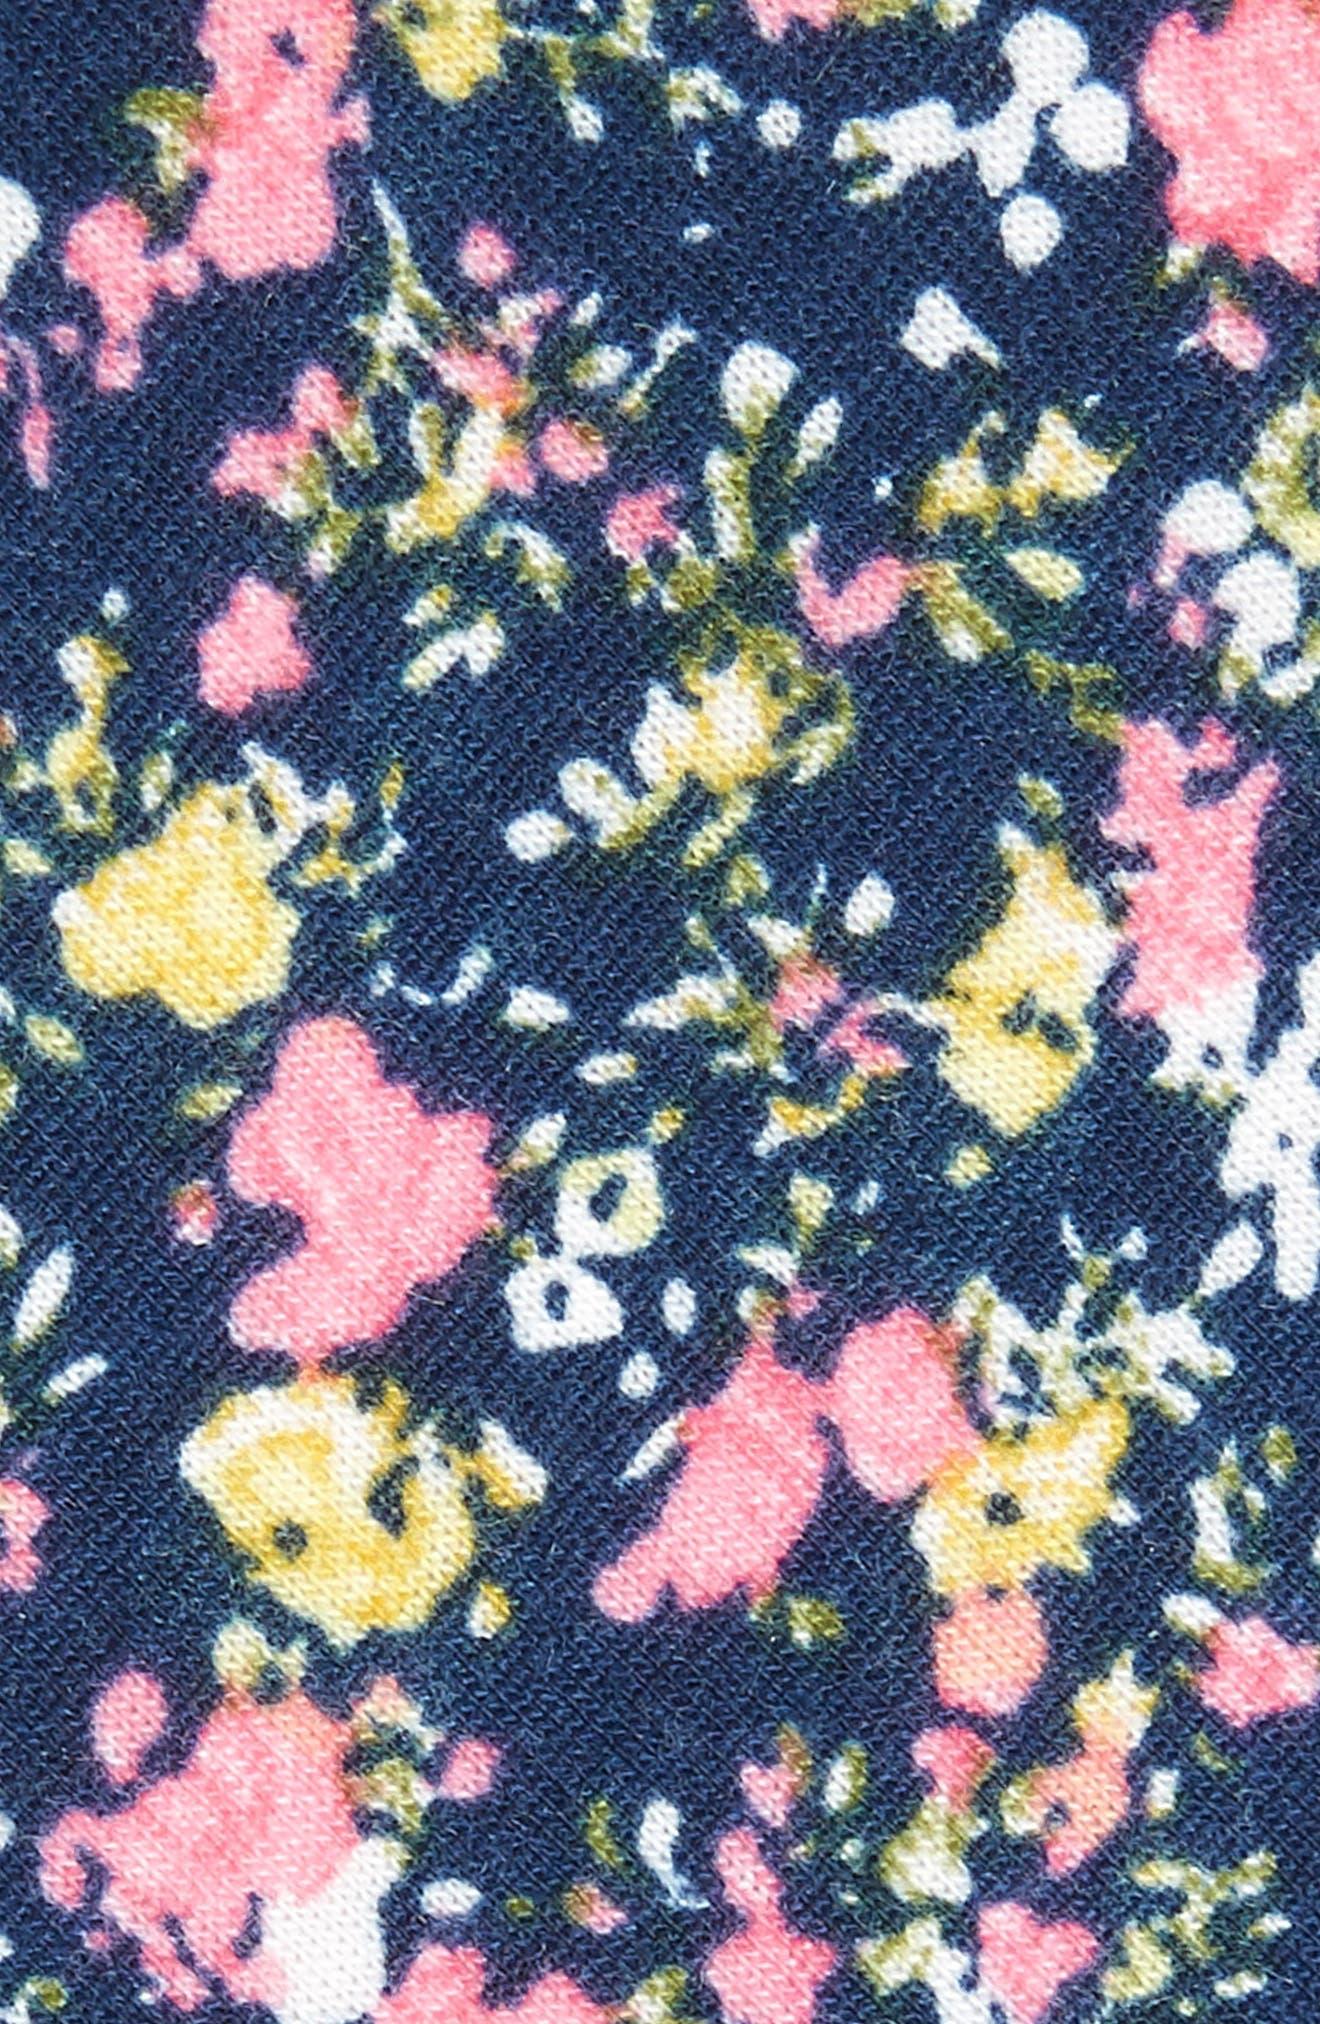 Selwyn Floral Skinny Tie,                             Alternate thumbnail 2, color,                             400